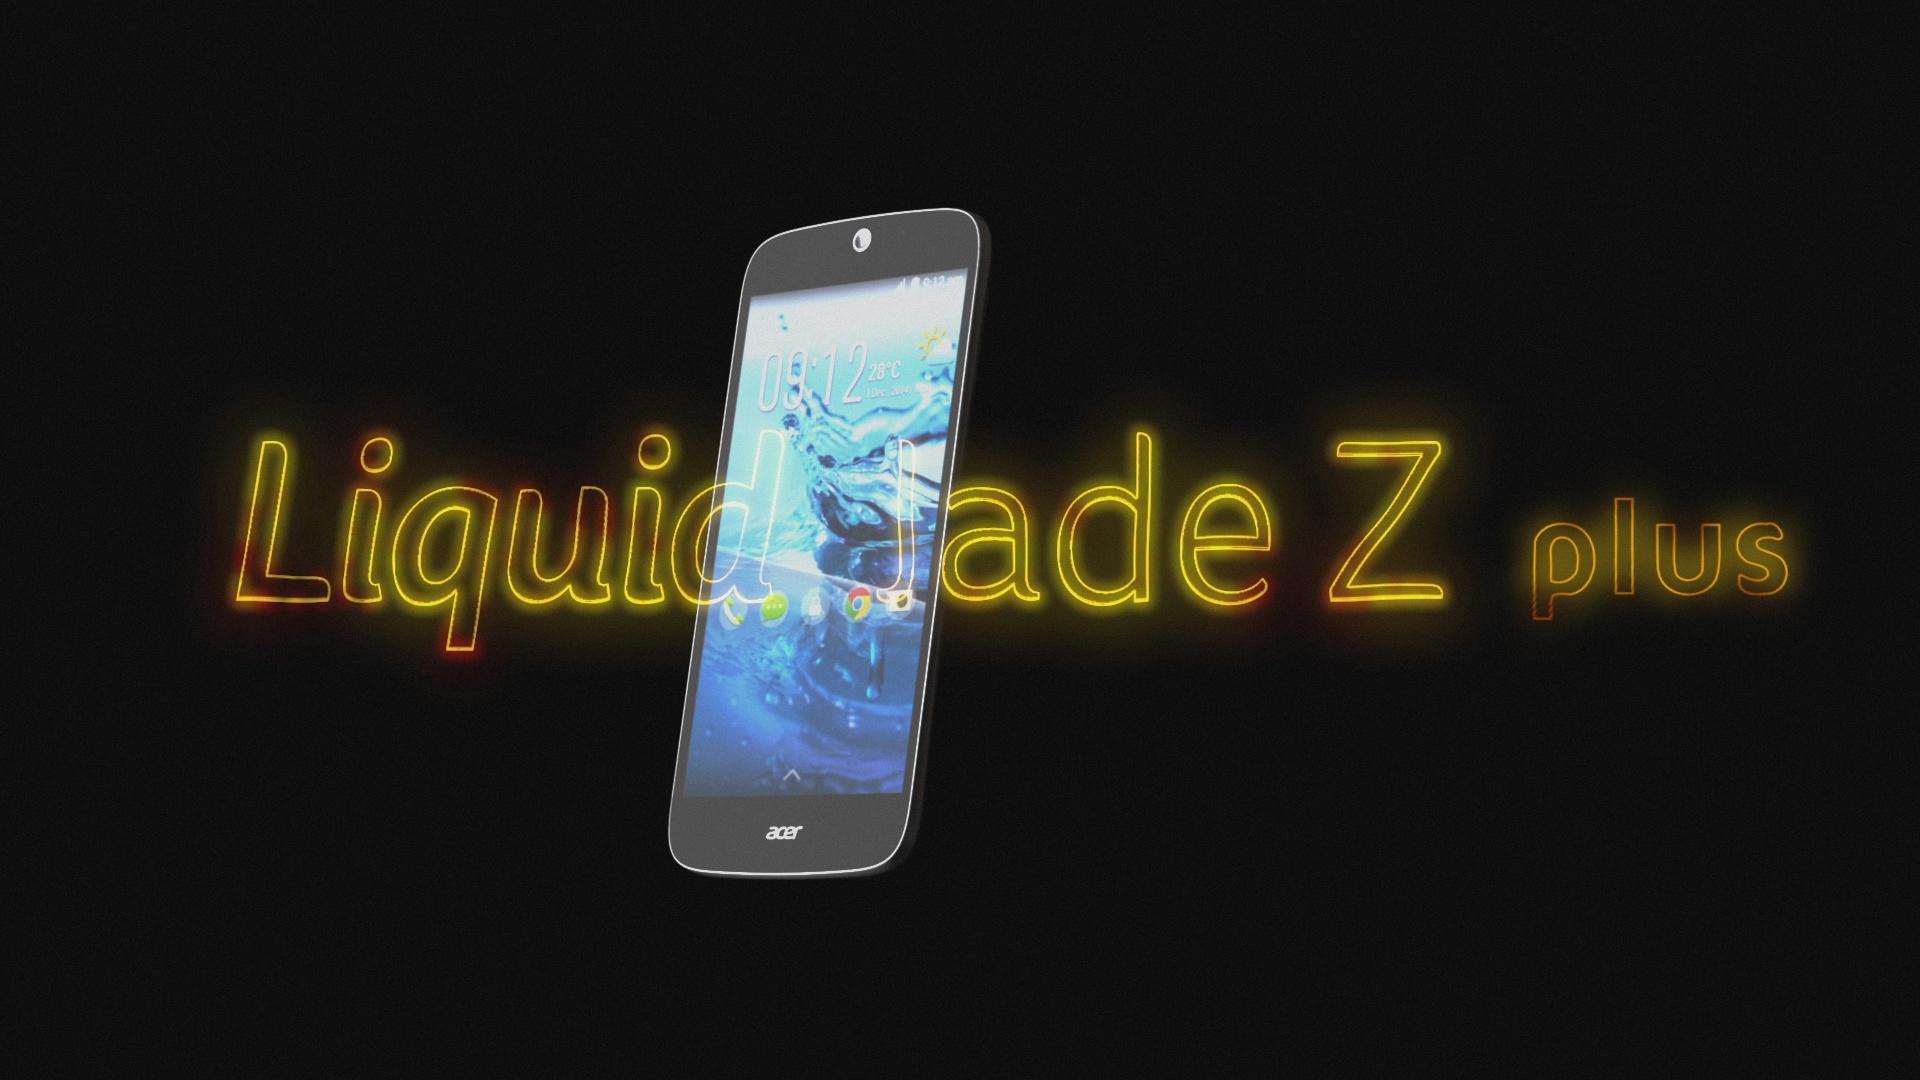 Acer Liquid Jade Z plus Smartphone